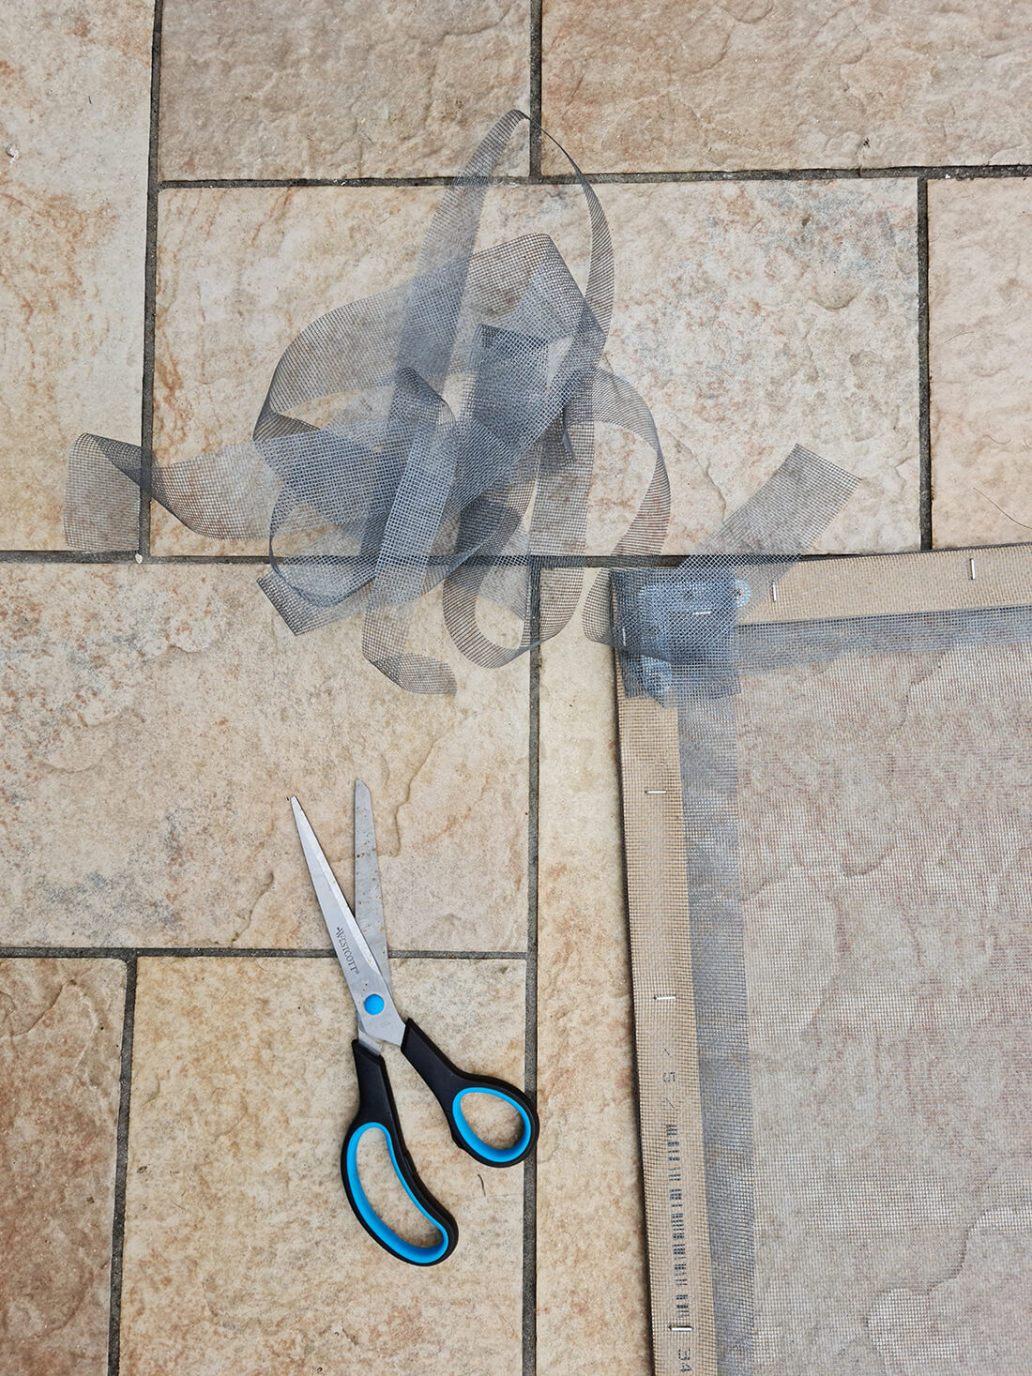 20210819 170728 - DIY pratique : fabriquer une moustiquaire pour porte ou fenêtre